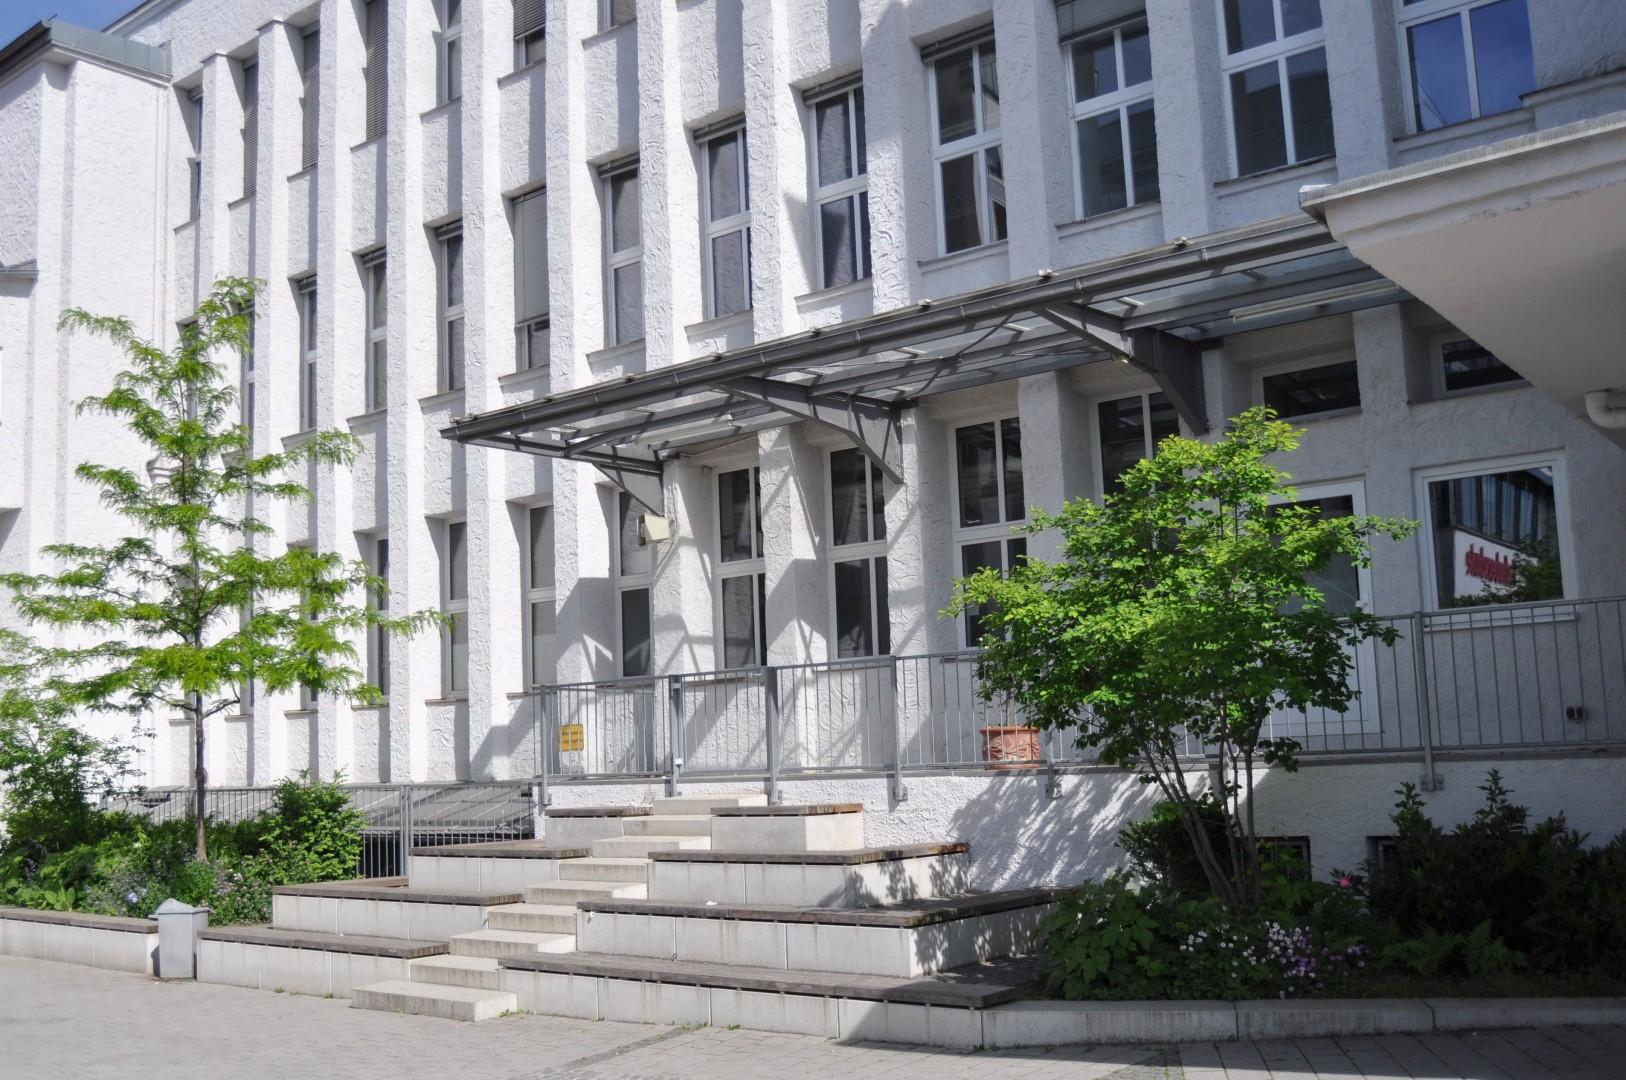 Neuhof Schulen - Steinerstrasse München